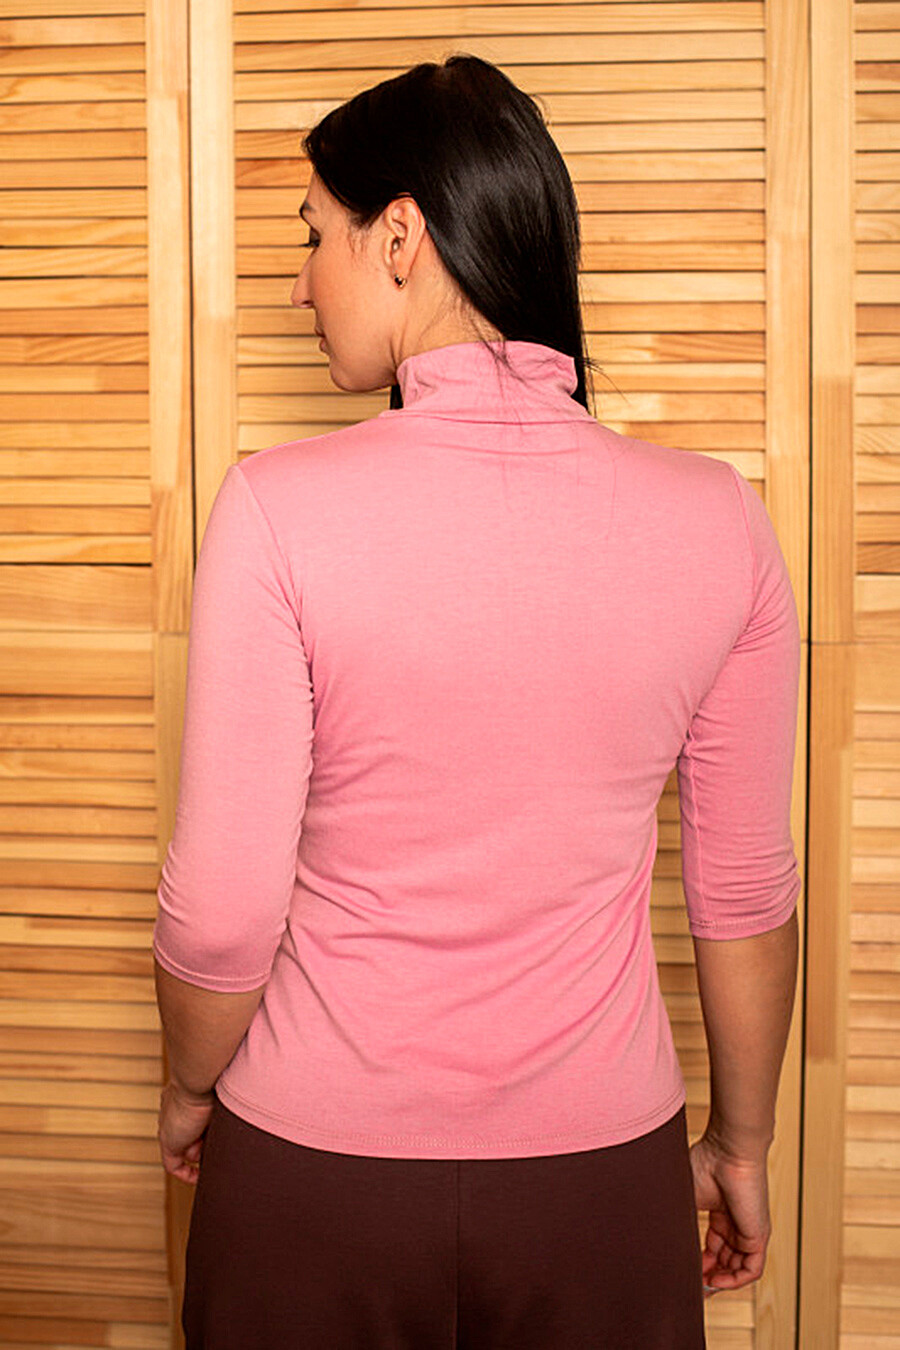 Водолазка для женщин SOFIYA37 668402 купить оптом от производителя. Совместная покупка женской одежды в OptMoyo